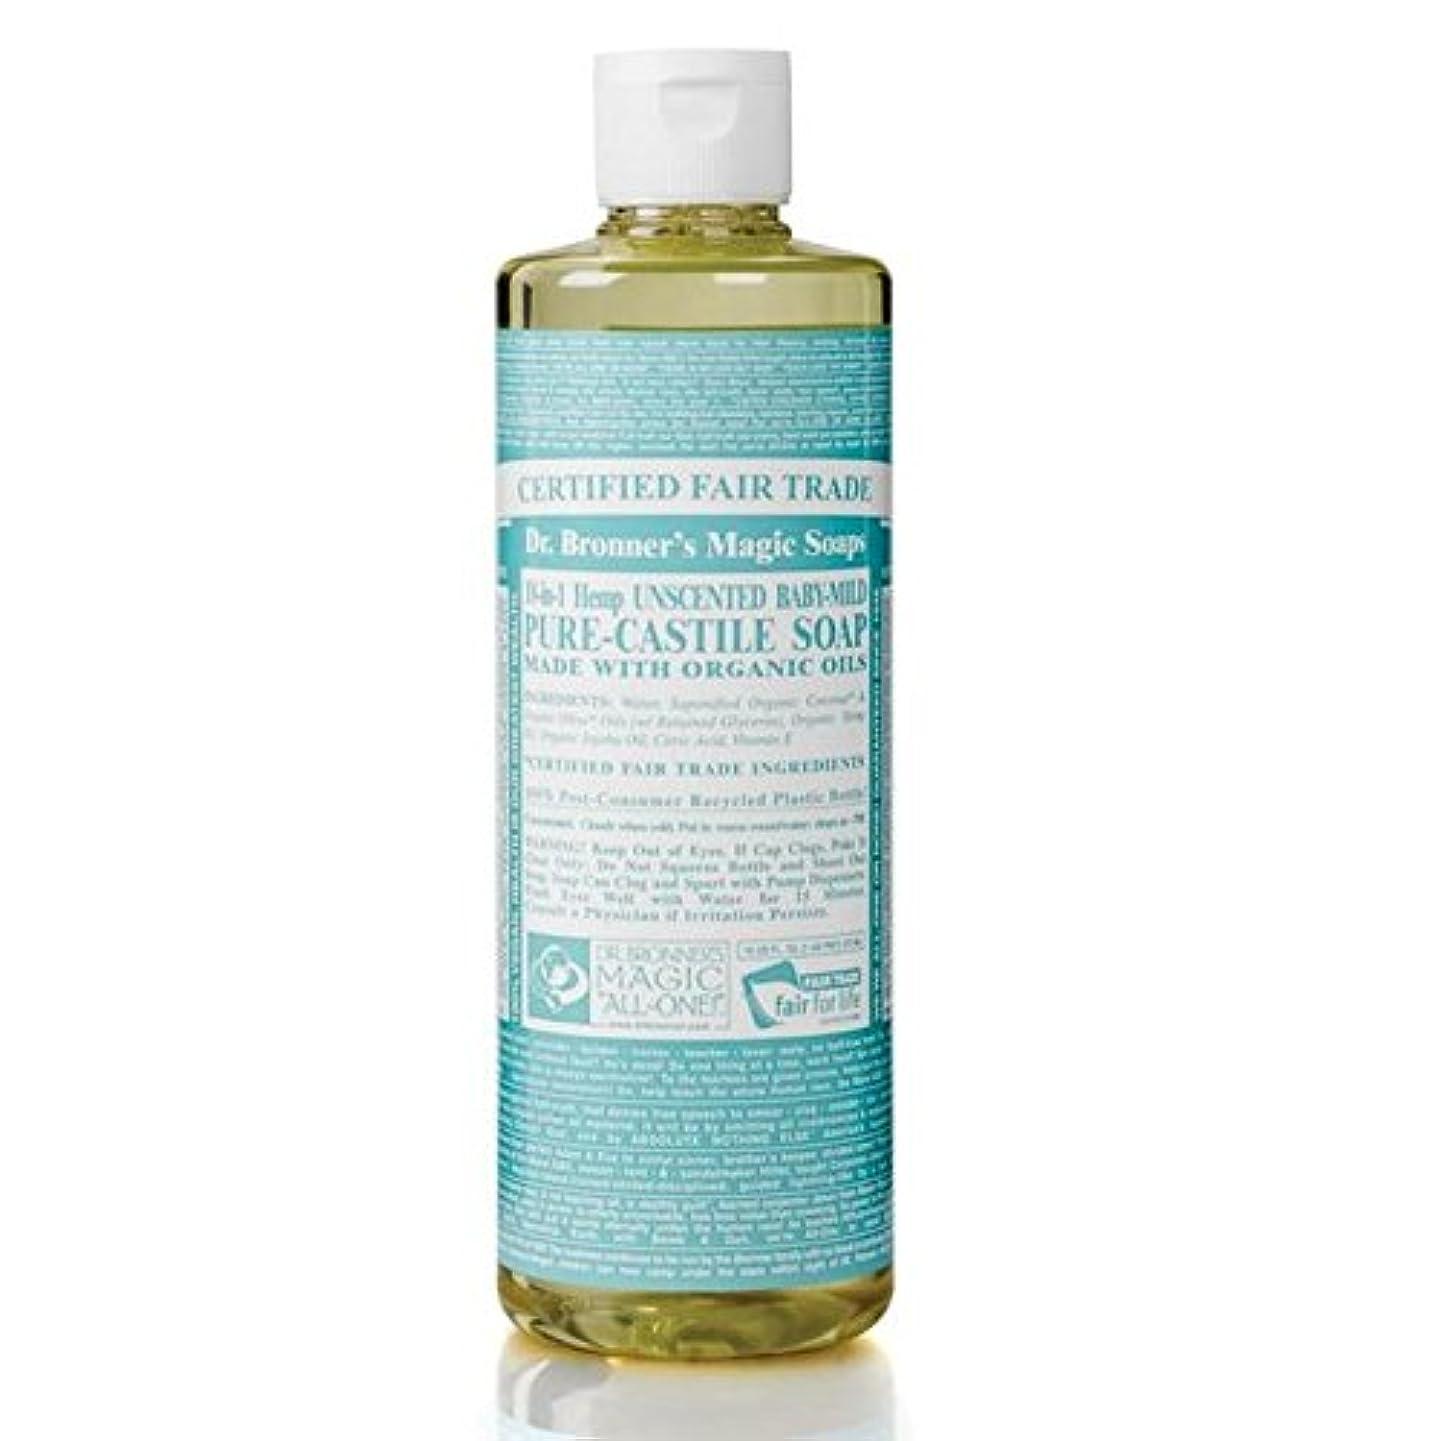 実質的に帝国主義テントDr Bronner Organic Baby Mild Castile Liquid Soap 473ml (Pack of 6) - のブロナーオーガニックベビーマイルドなカスティーリャ液体石鹸473ミリリットル x6...